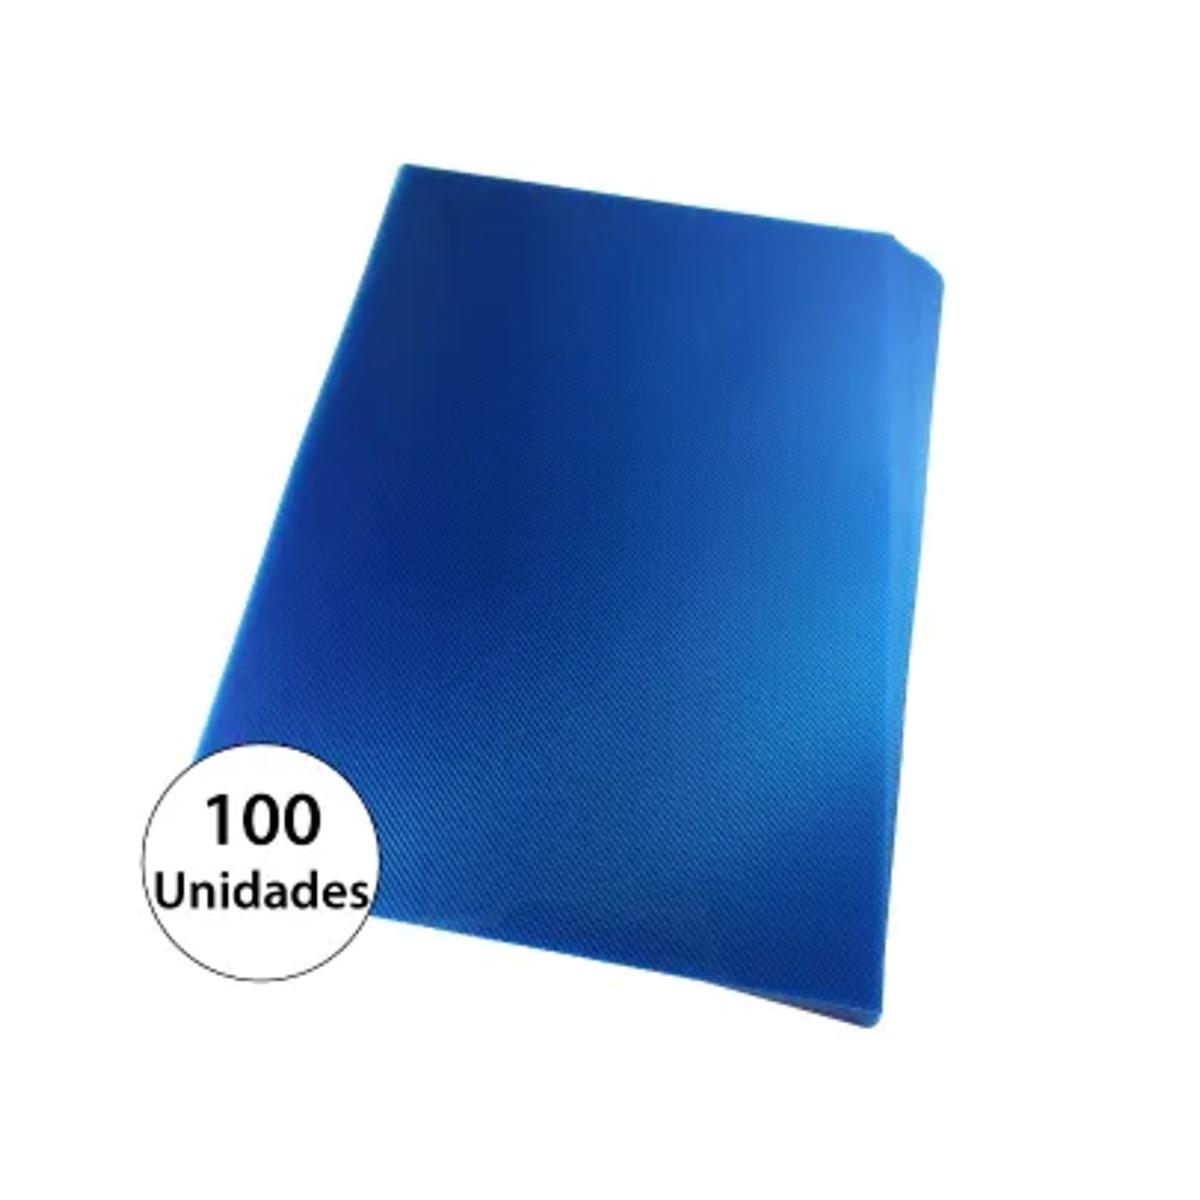 Capa para encadernação A4 Azul PP Line 0,30mm 100un